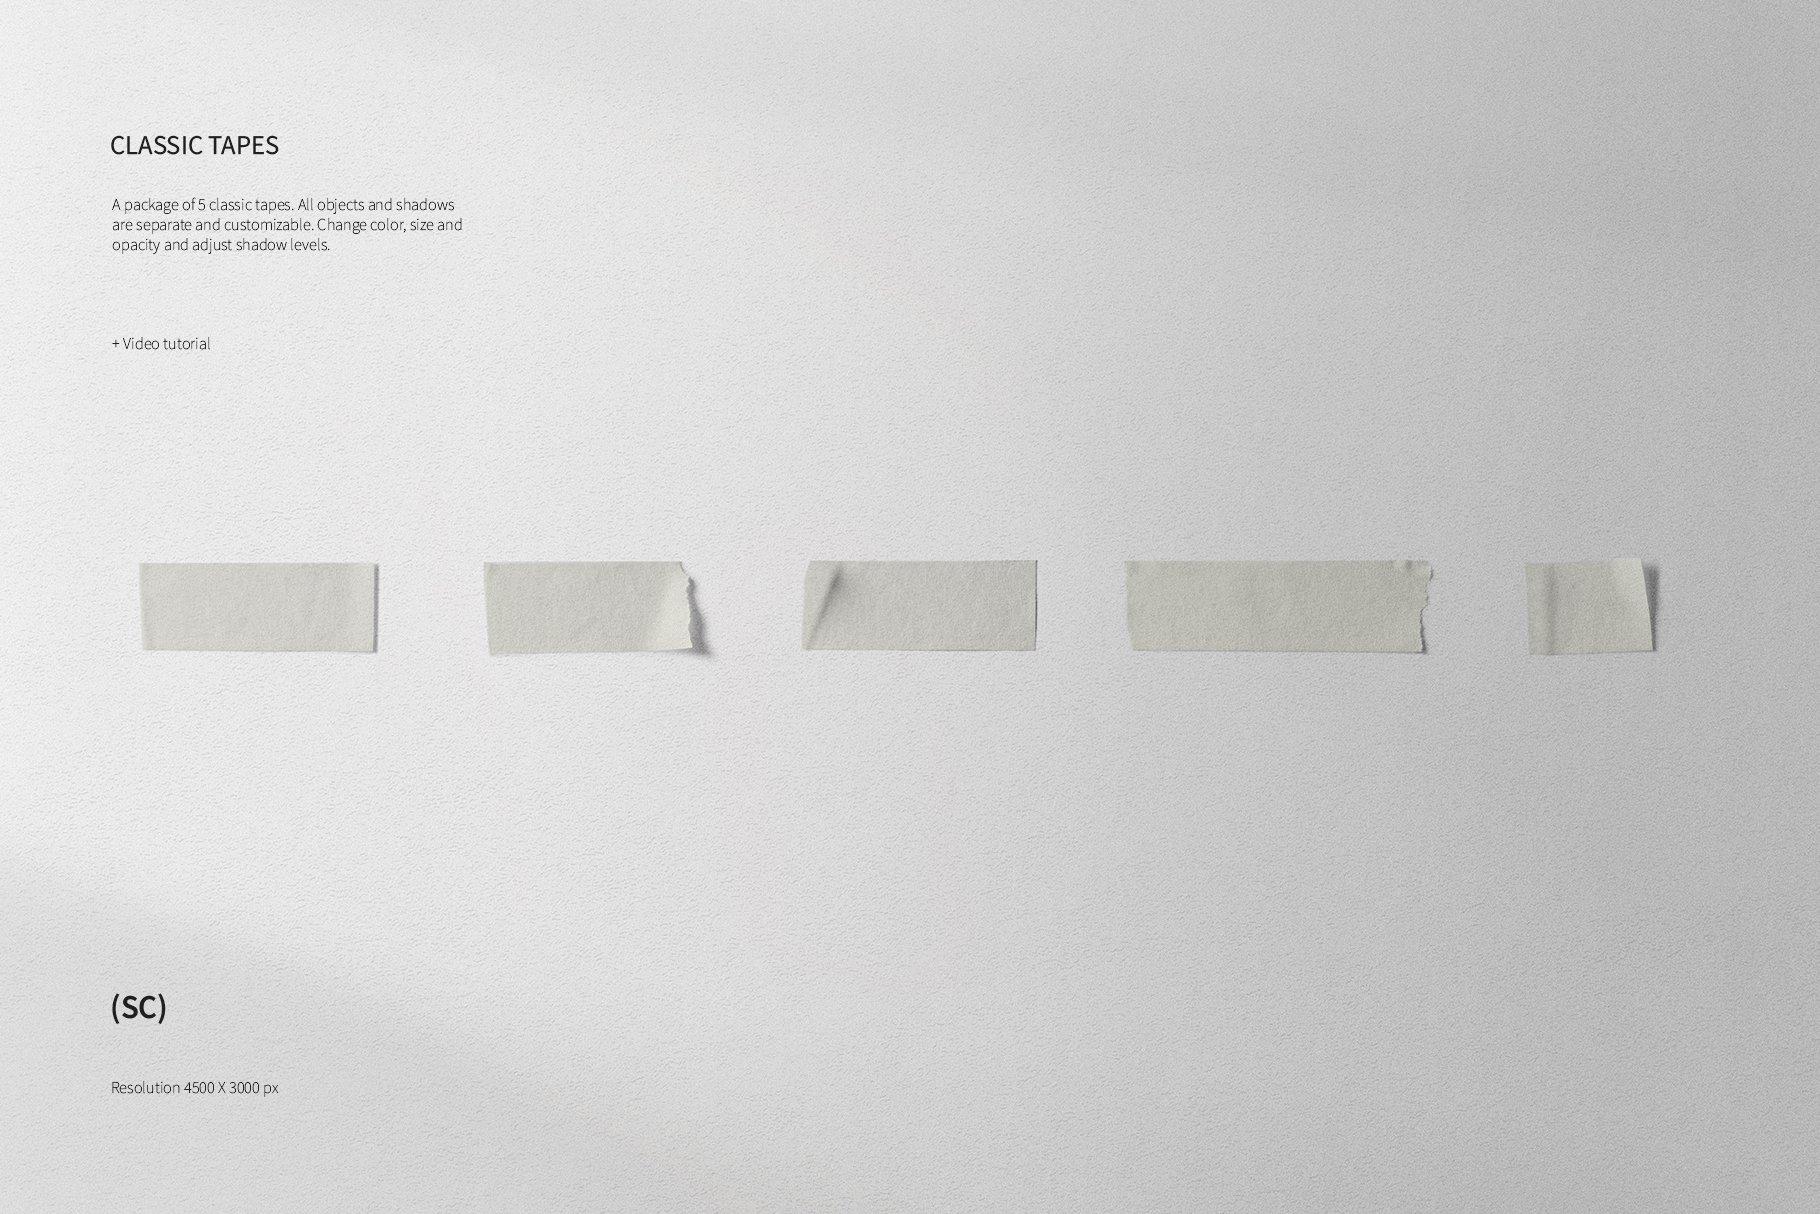 55款高清不干胶胶带贴纸PNG透明免抠图片素材 Tape Creator插图(3)